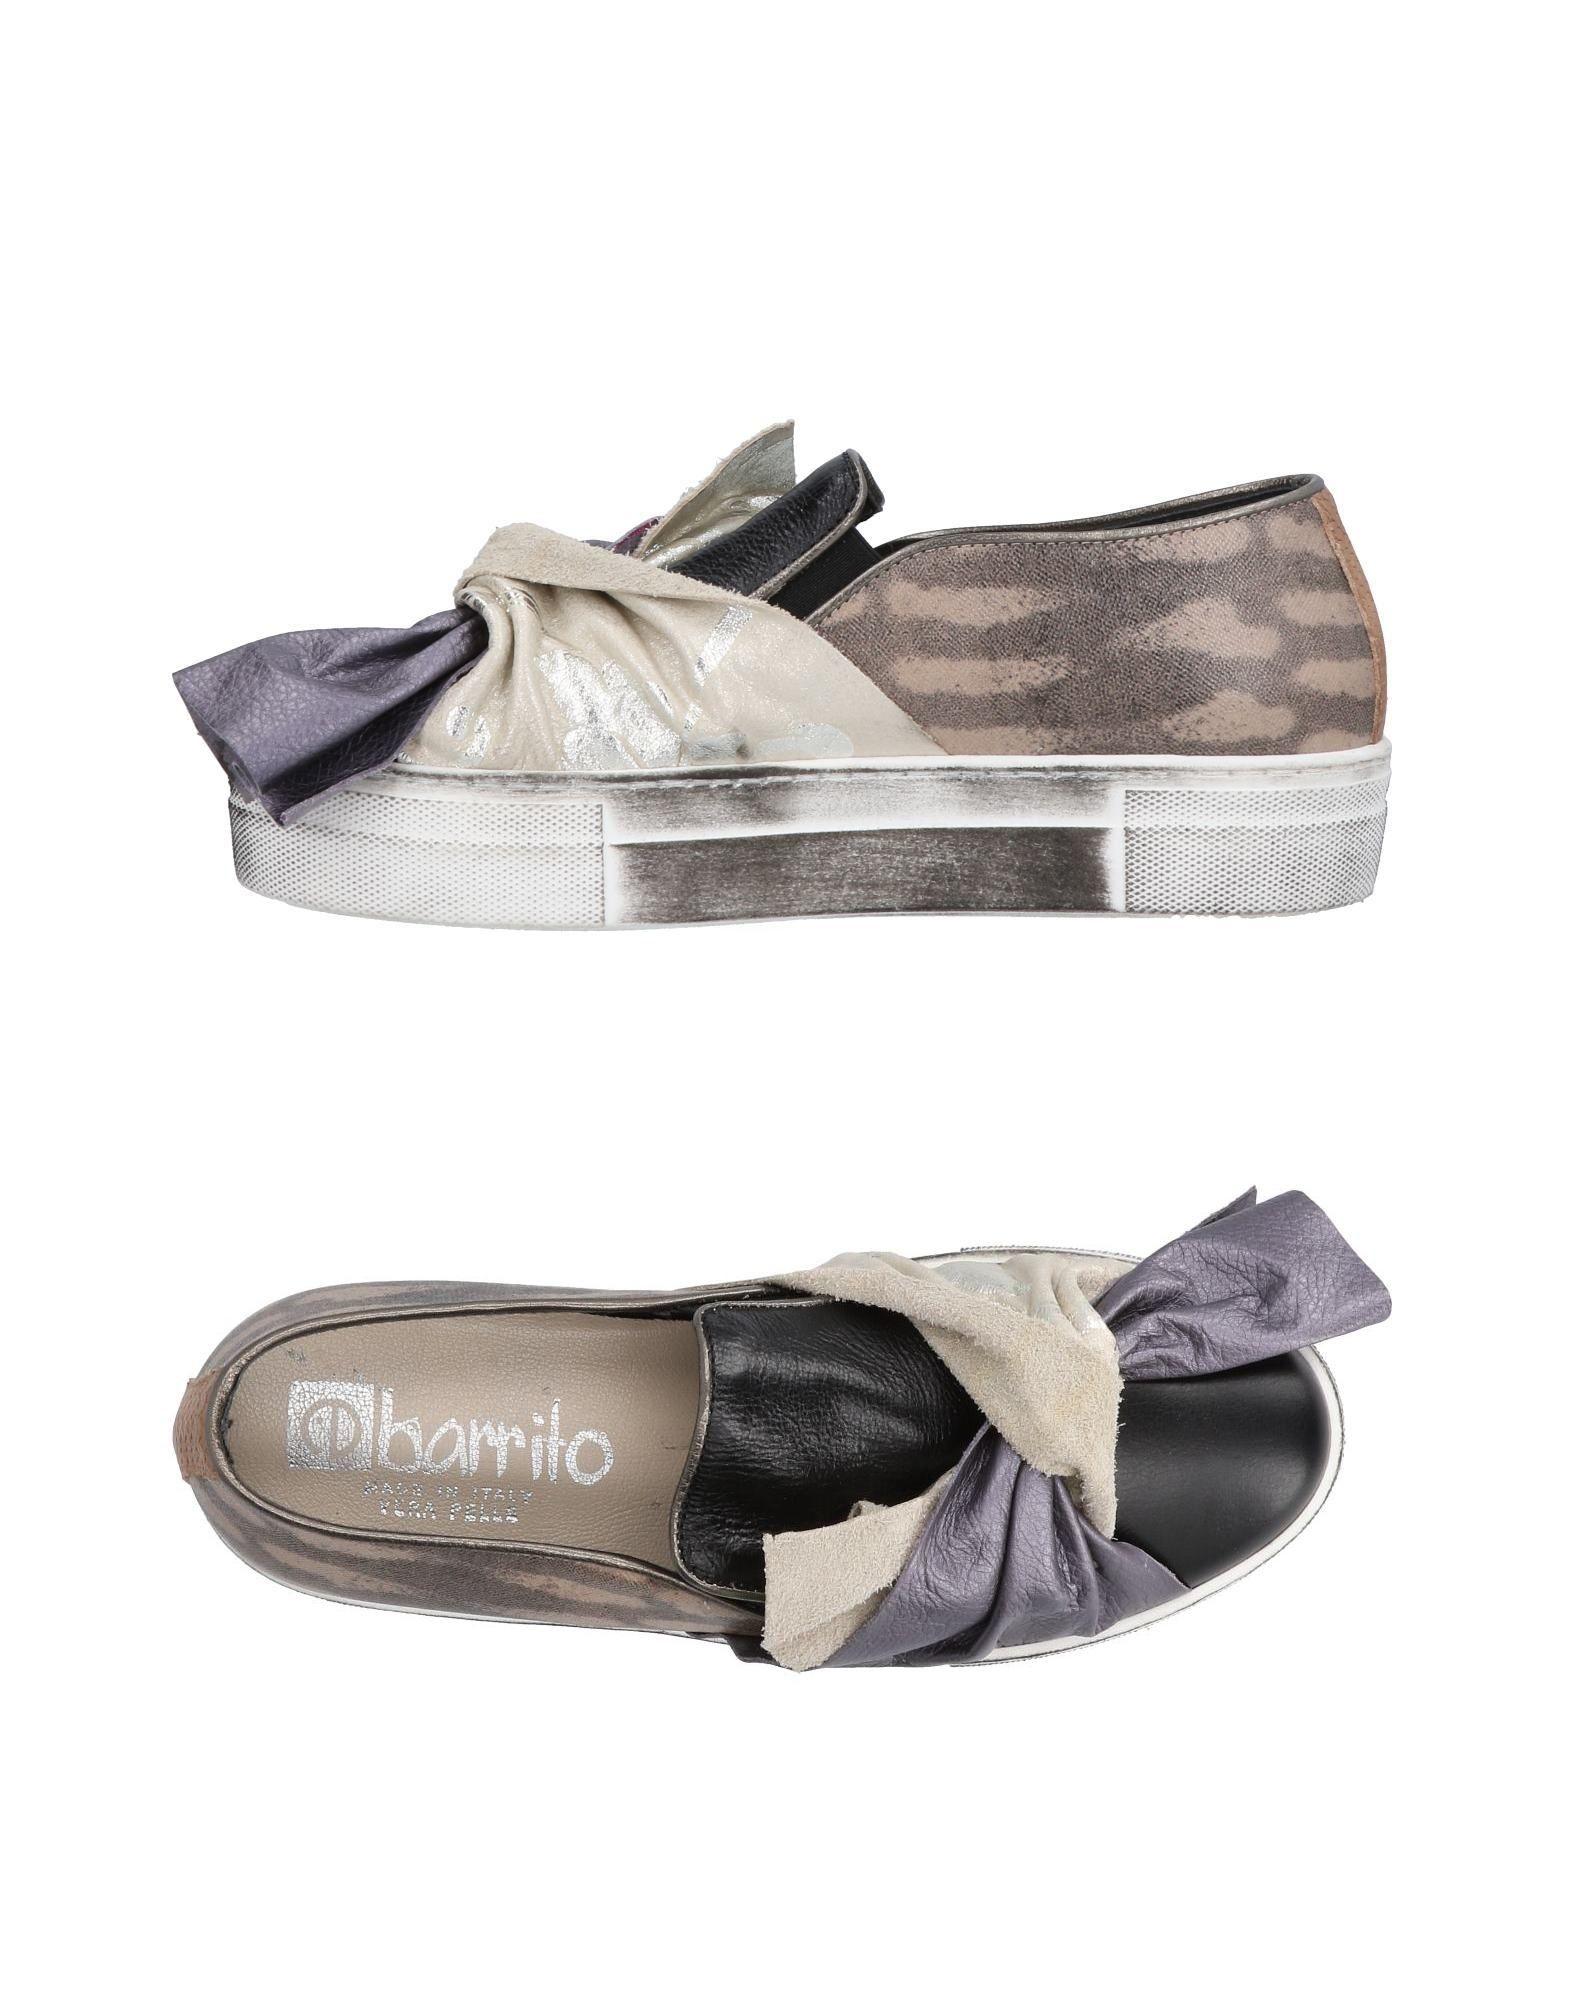 Moda Sneakers Ebarrito Donna Donna Ebarrito - 11458565FG b76600